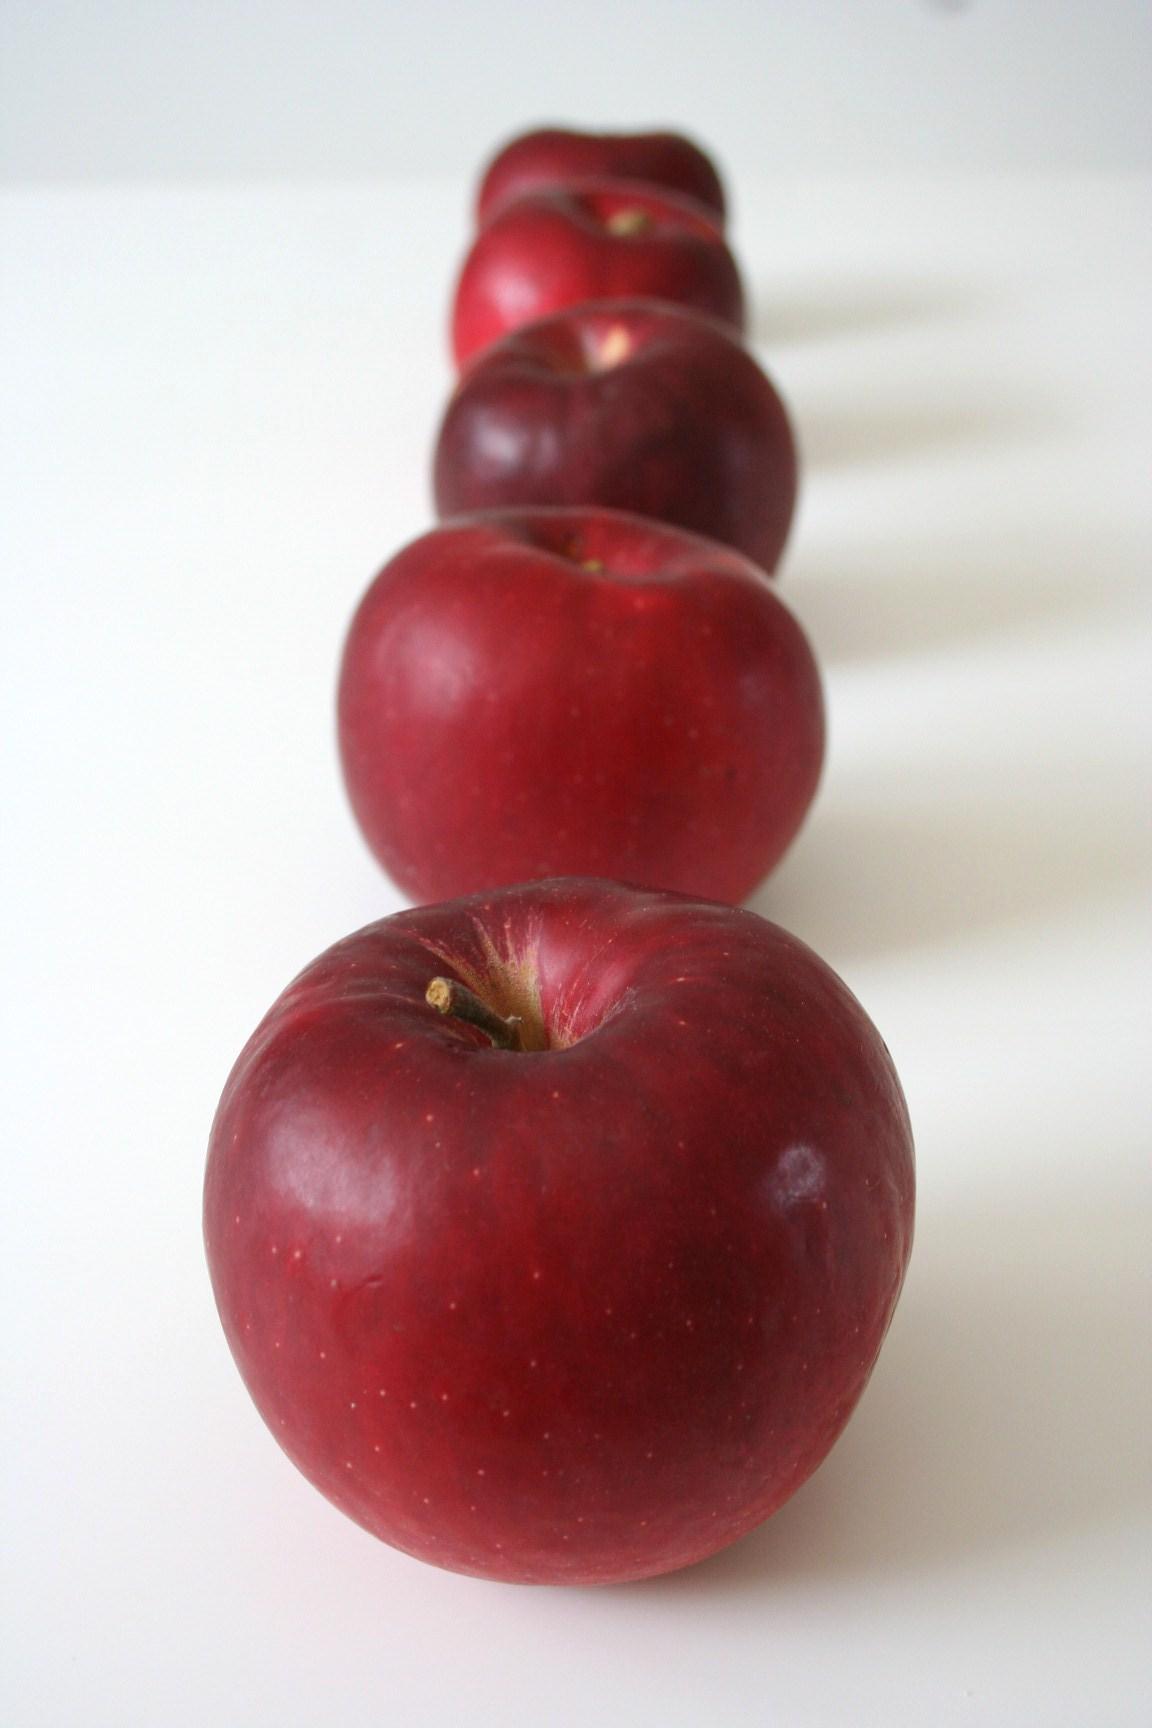 並んだりんご。